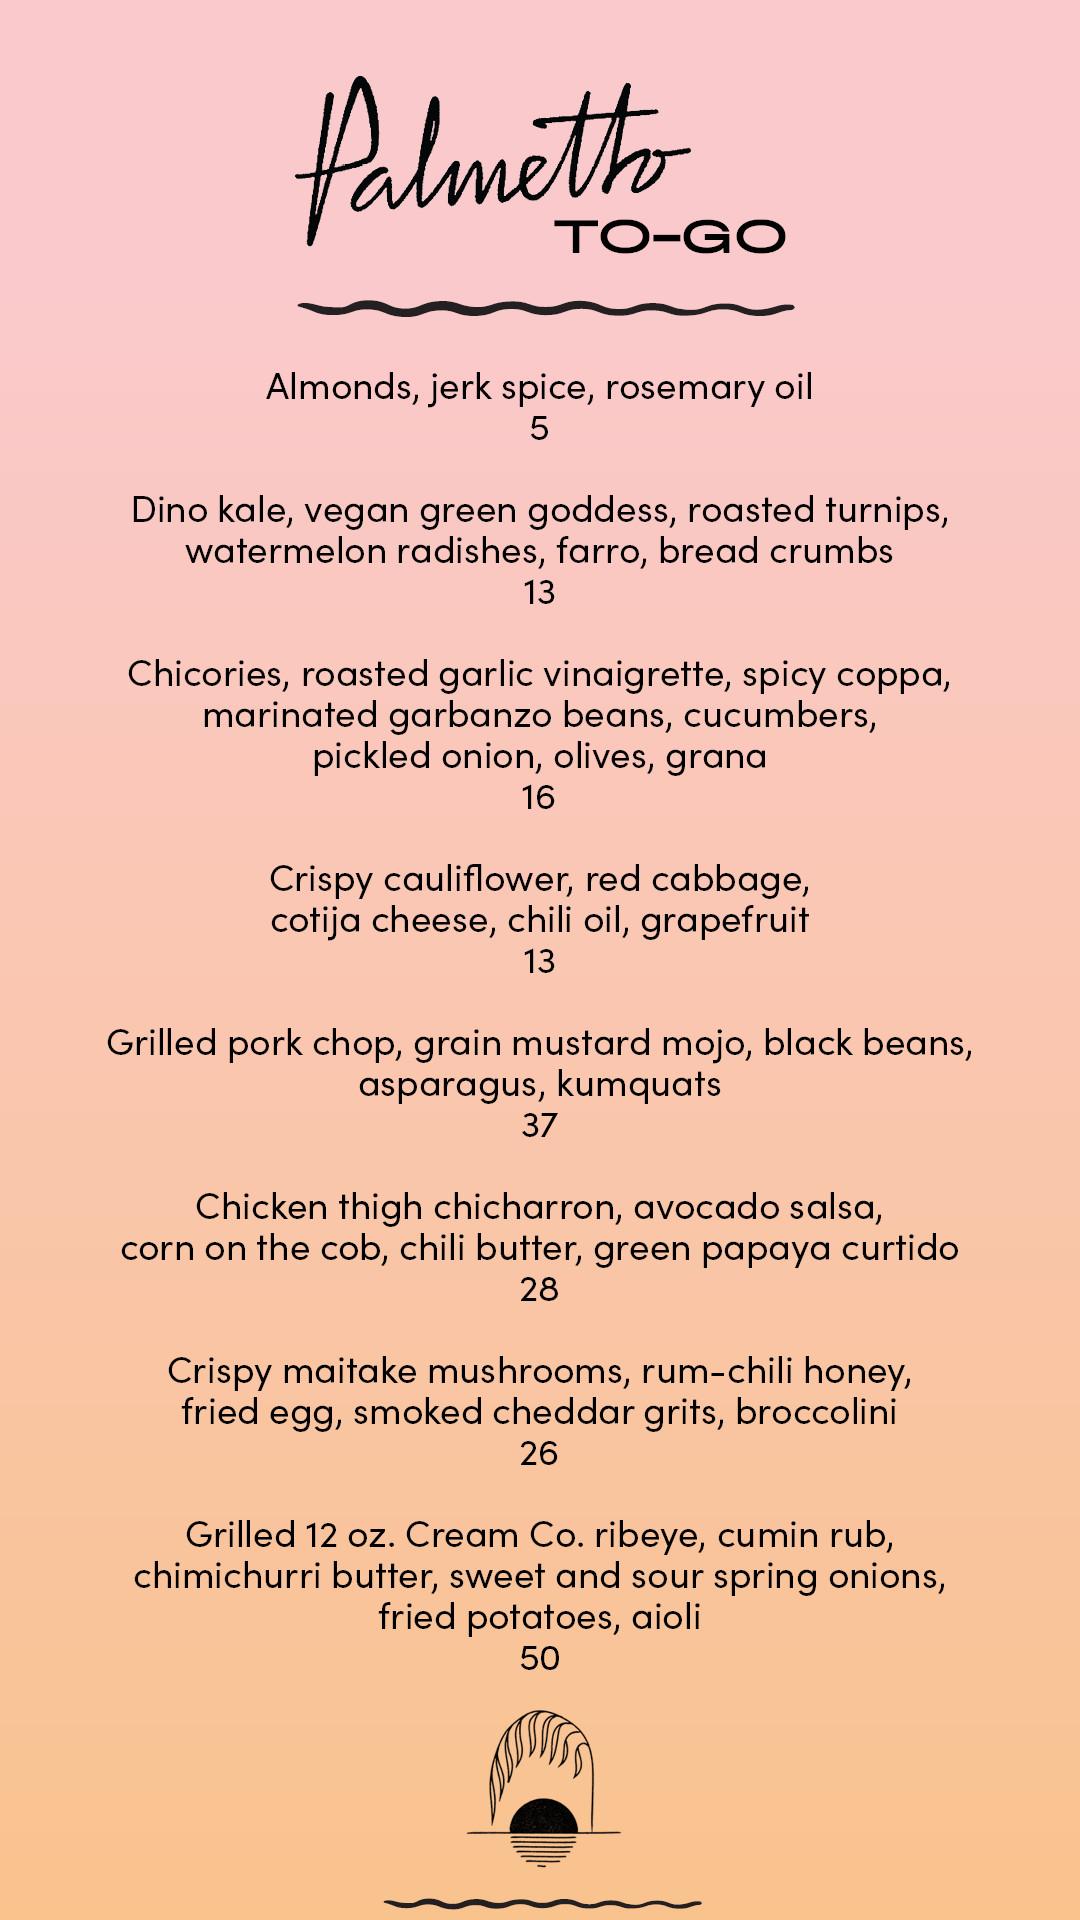 Palmetto takeout menu